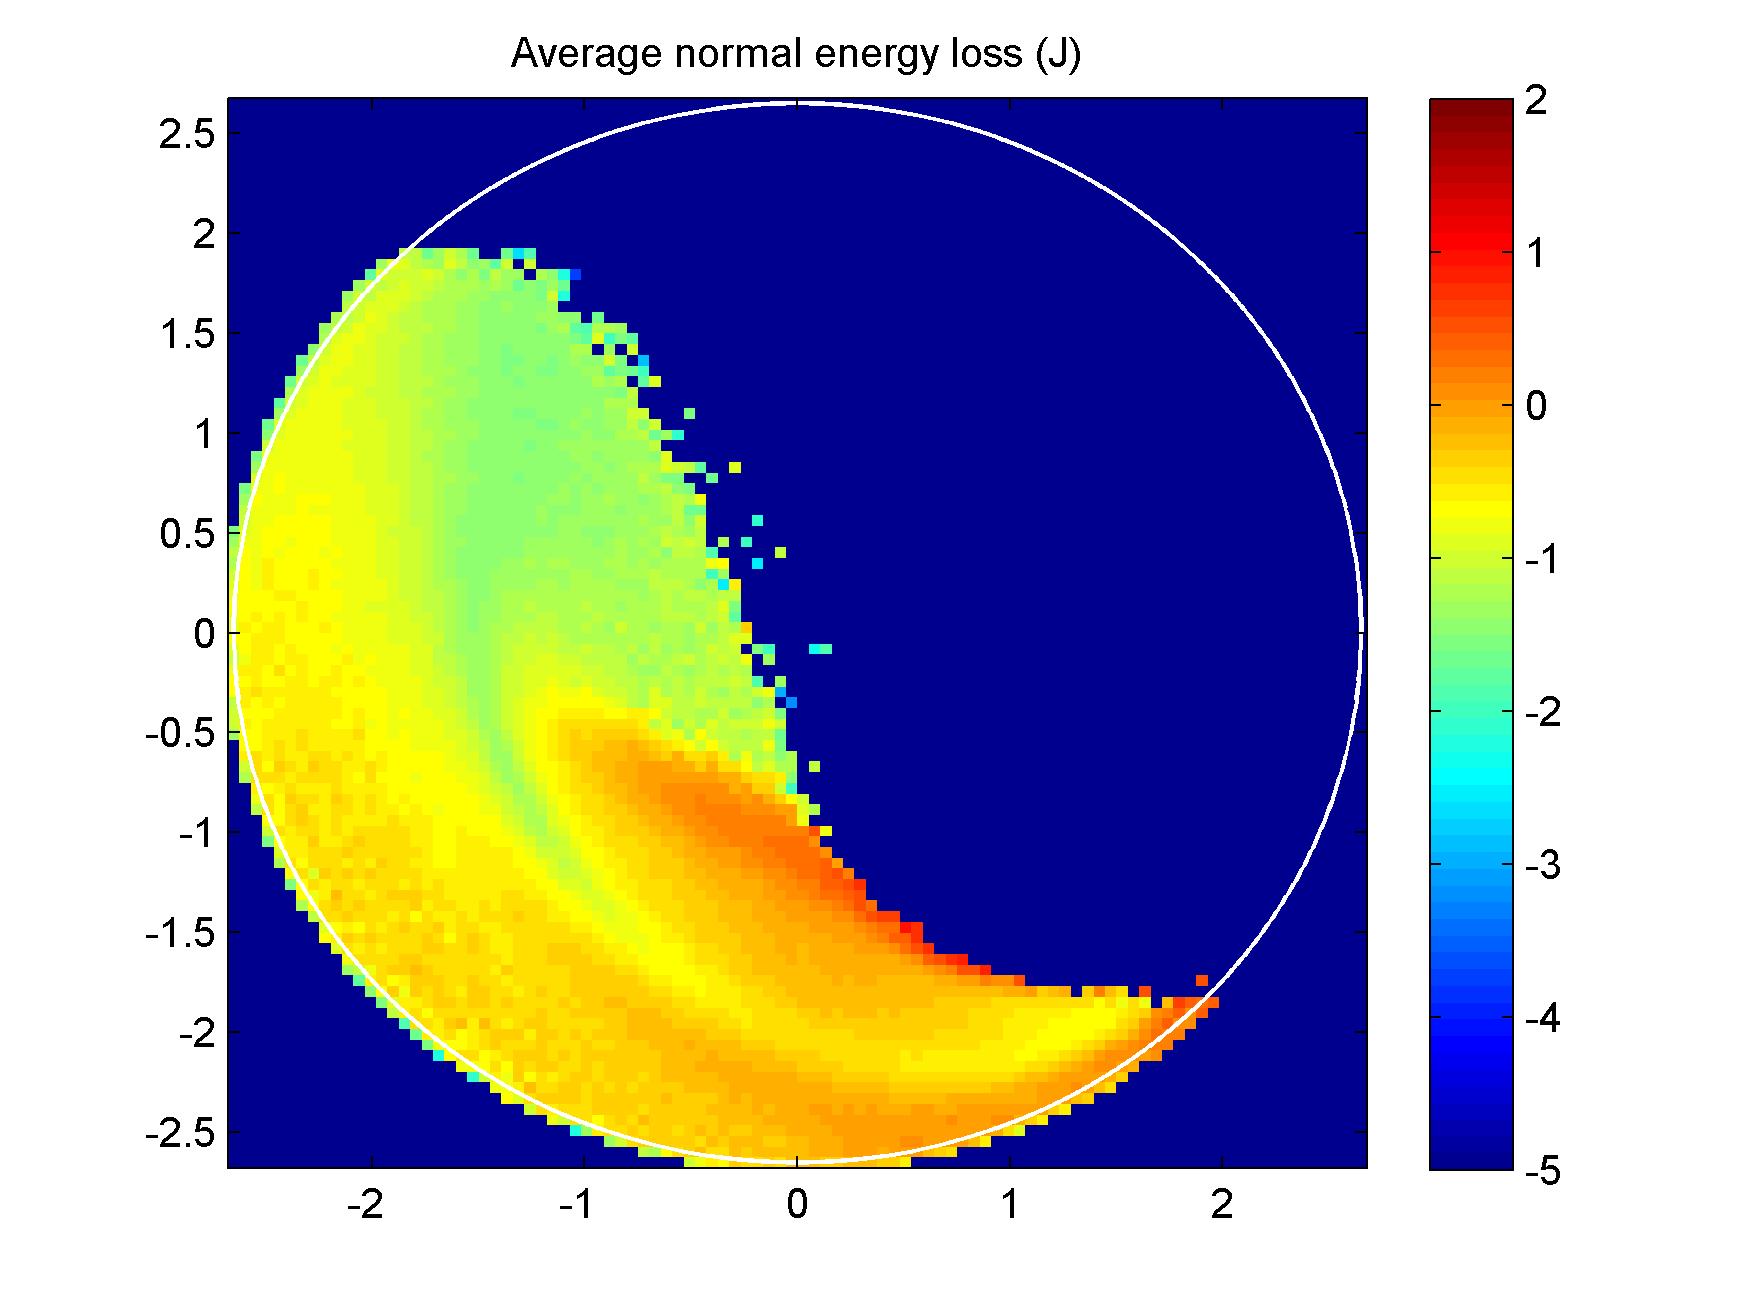 Energy loss map